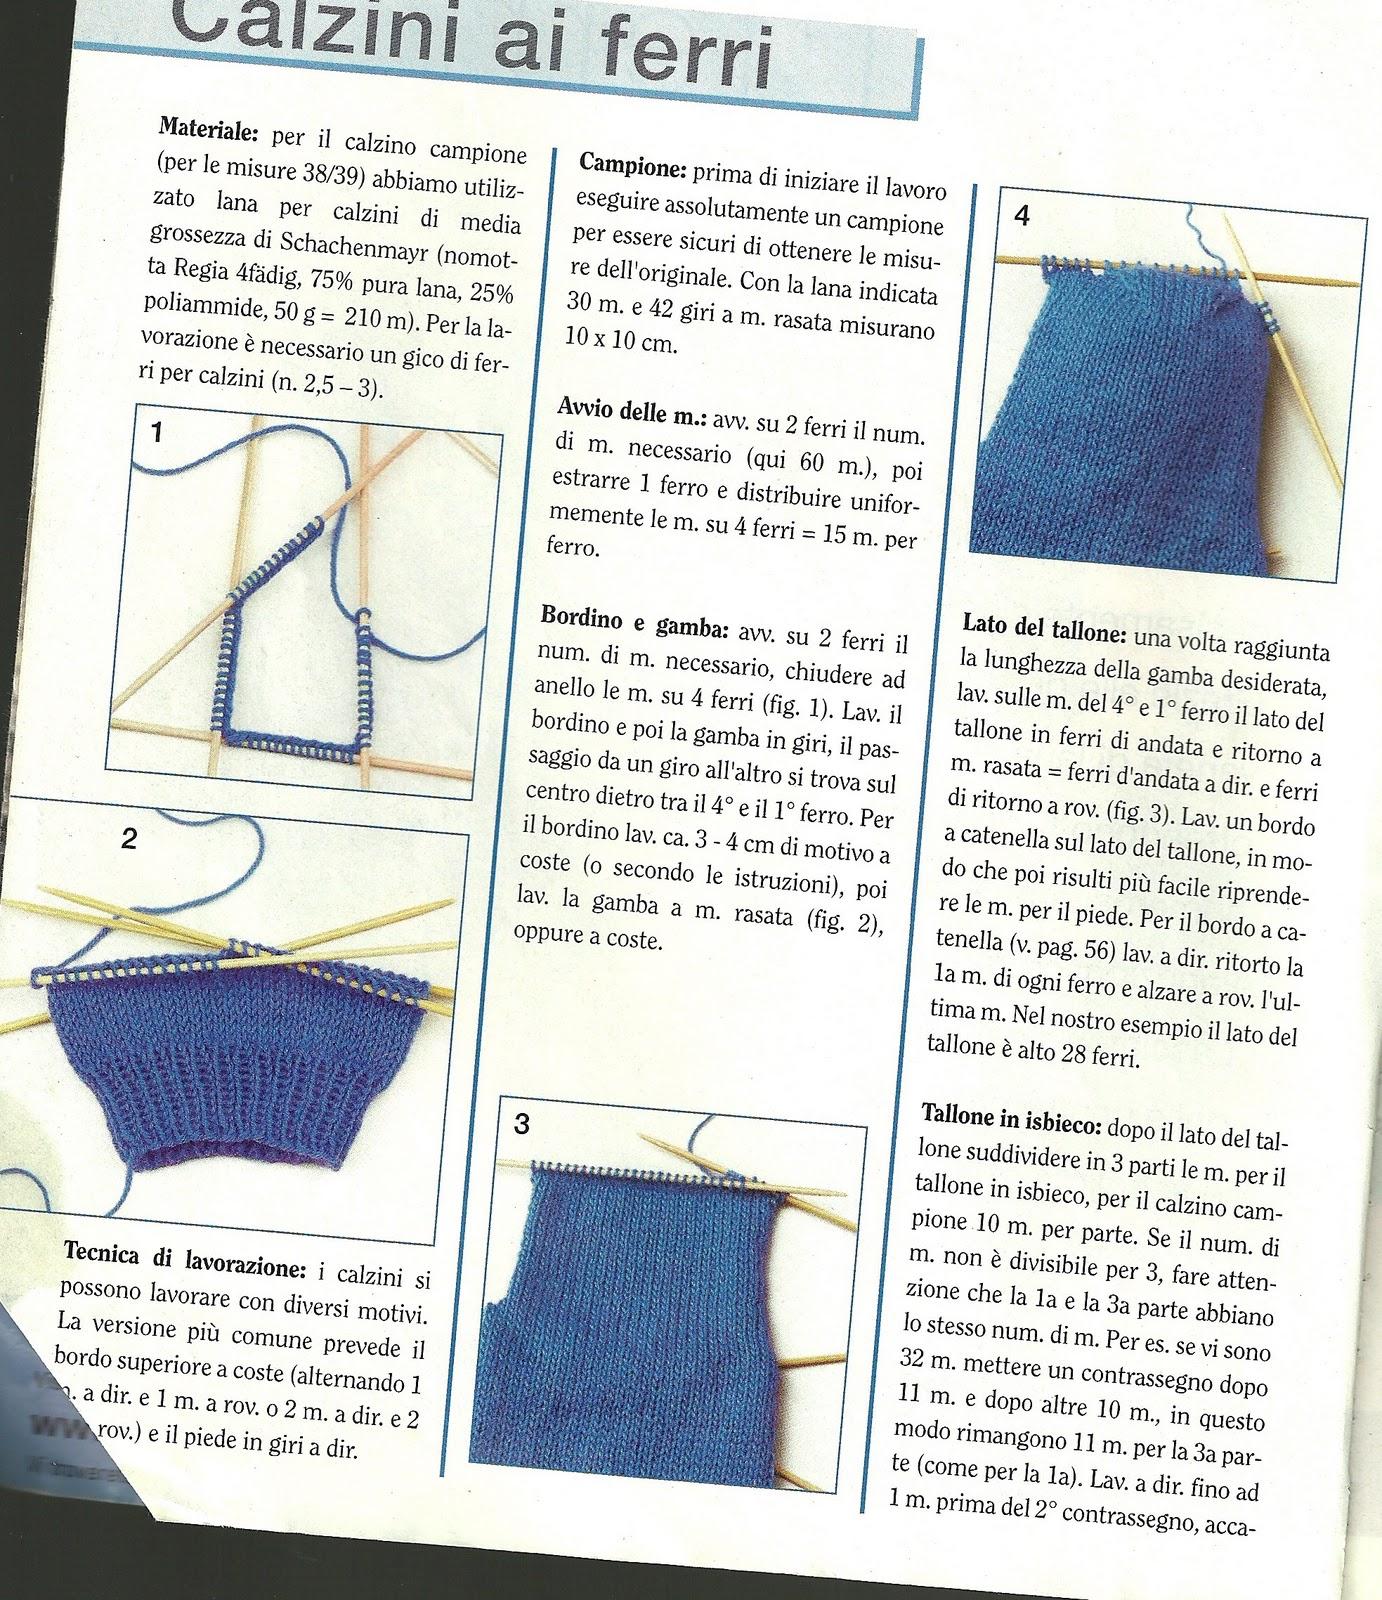 calzature negozi popolari prezzo scontato Tecniche di realizzazione:Come fare:calze, guanti,muffole ...